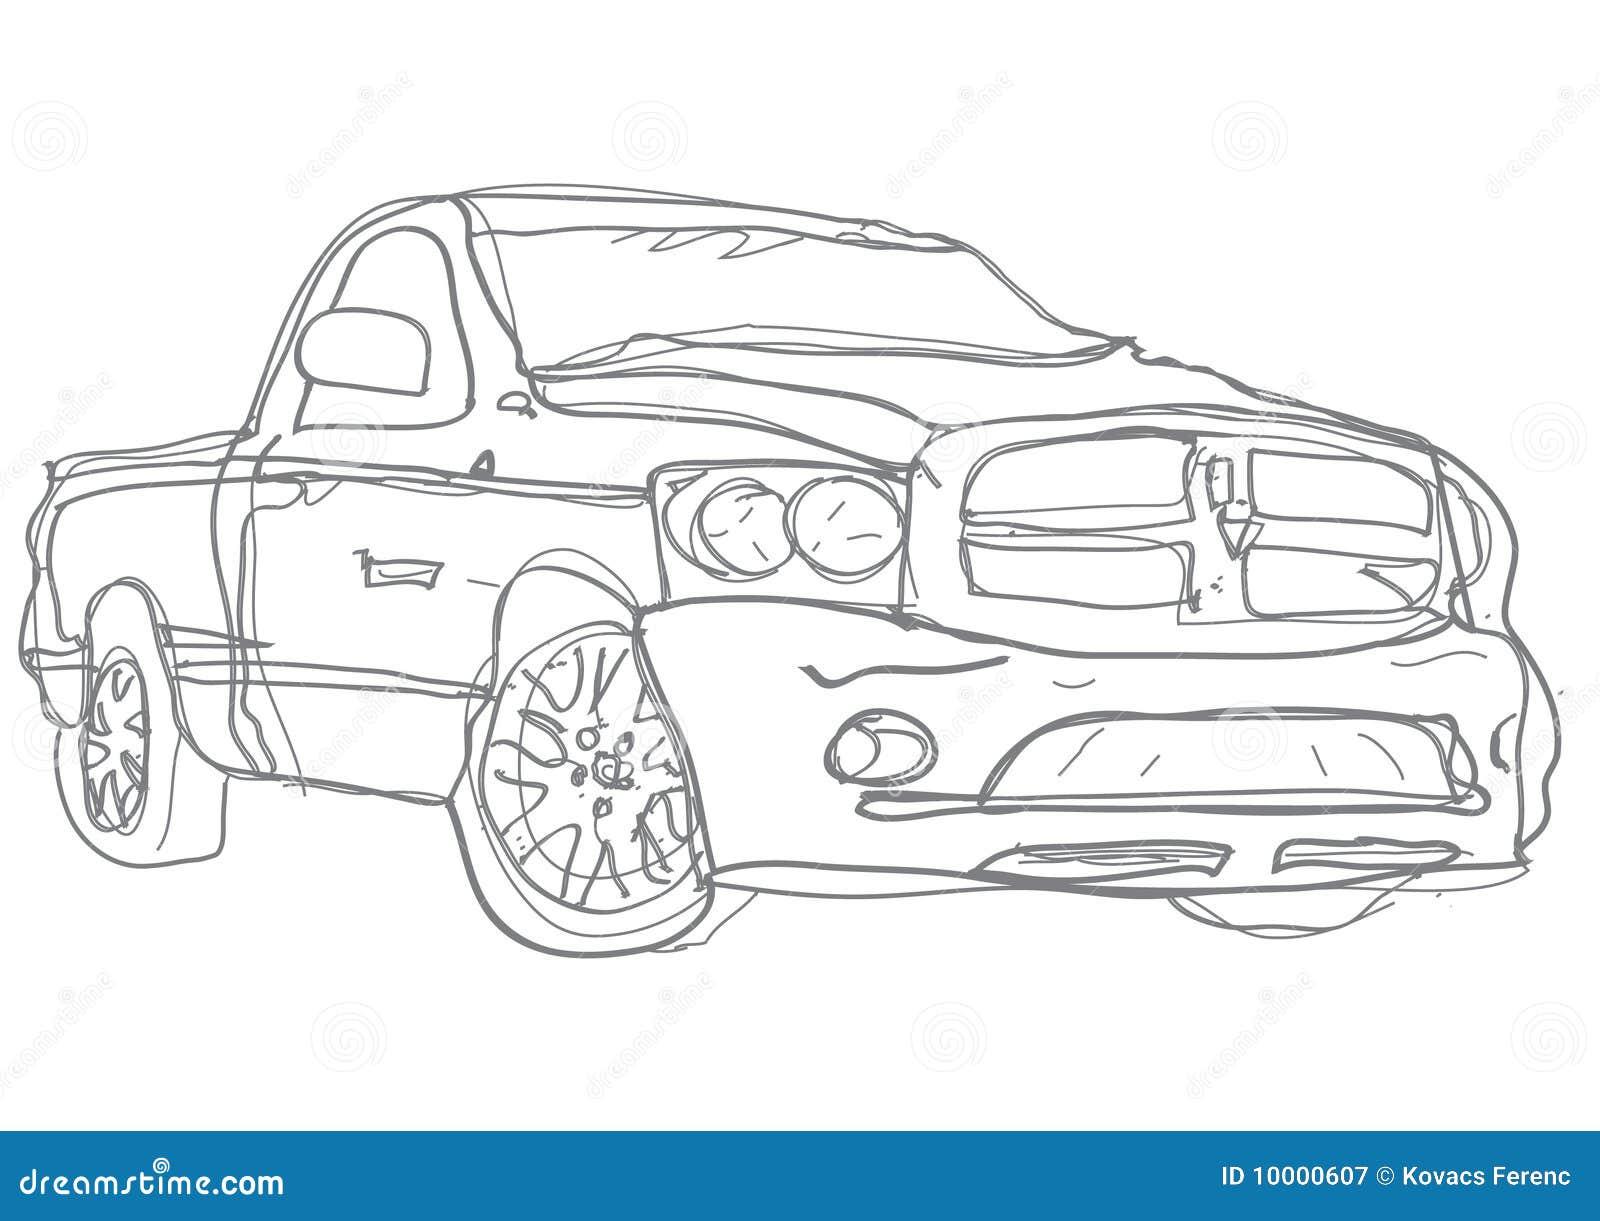 Truck sketch, handdraw